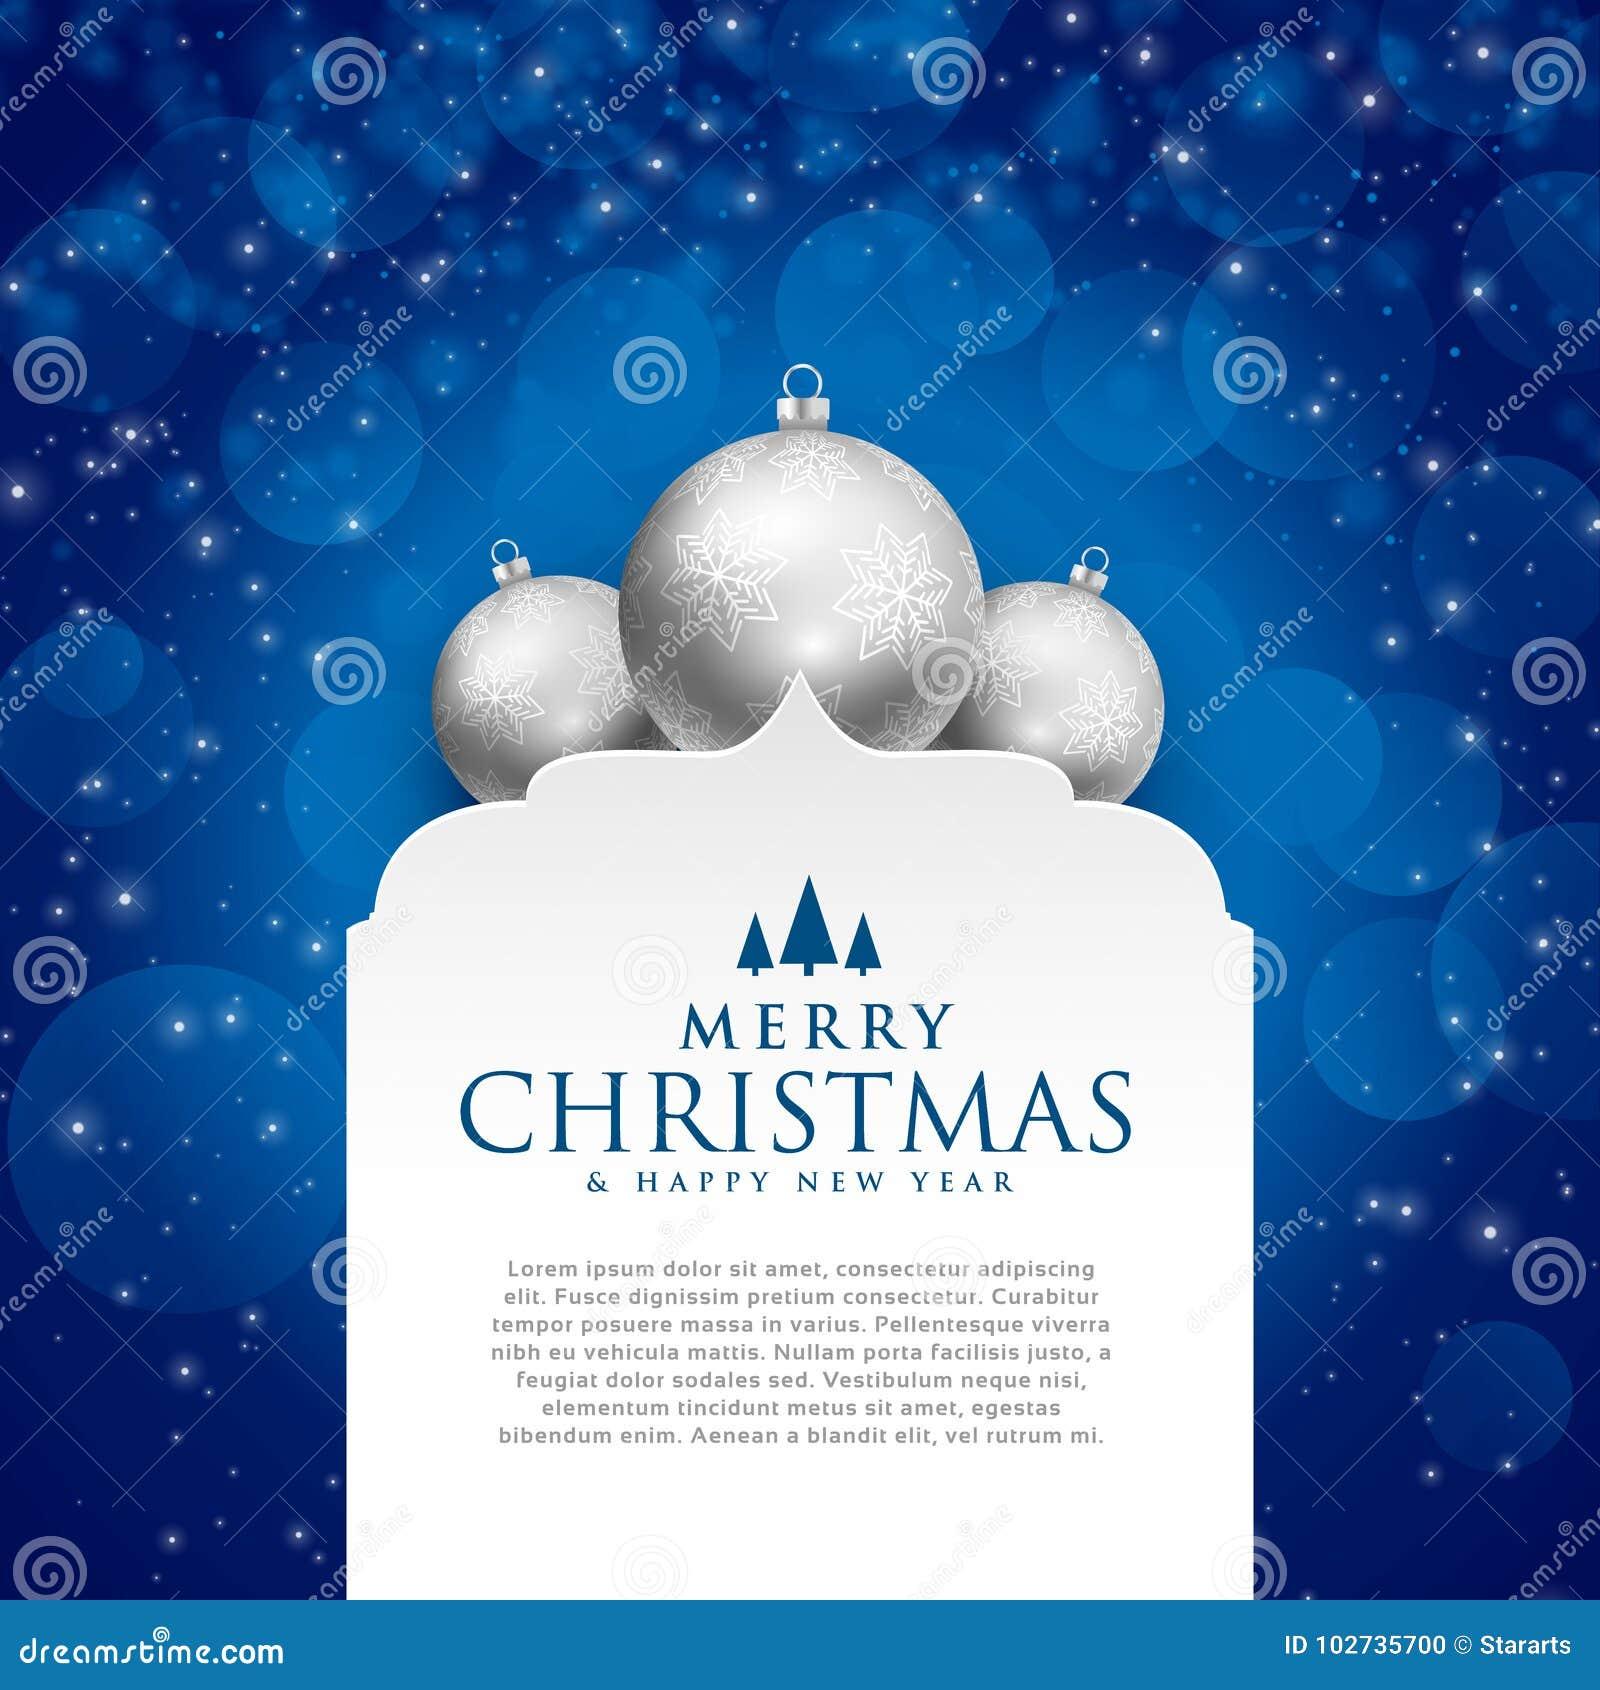 Elegant blauw vrolijk Kerstmisontwerp met zilveren ballen